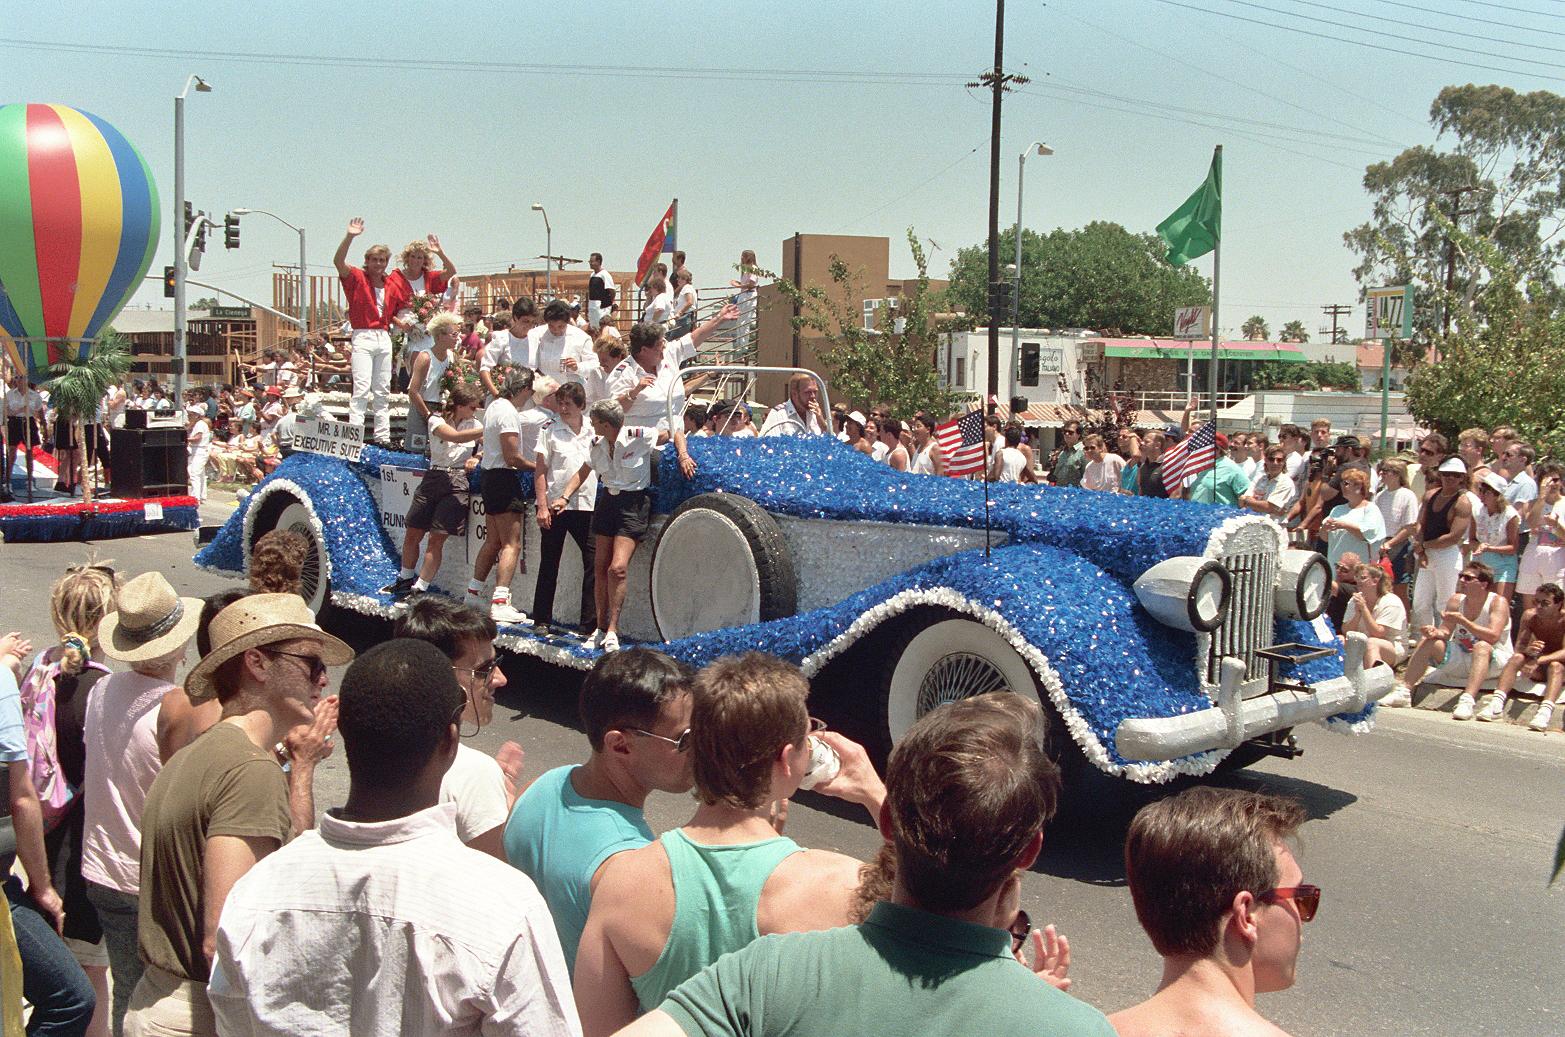 la-pride-1987-1995_21690122343_o